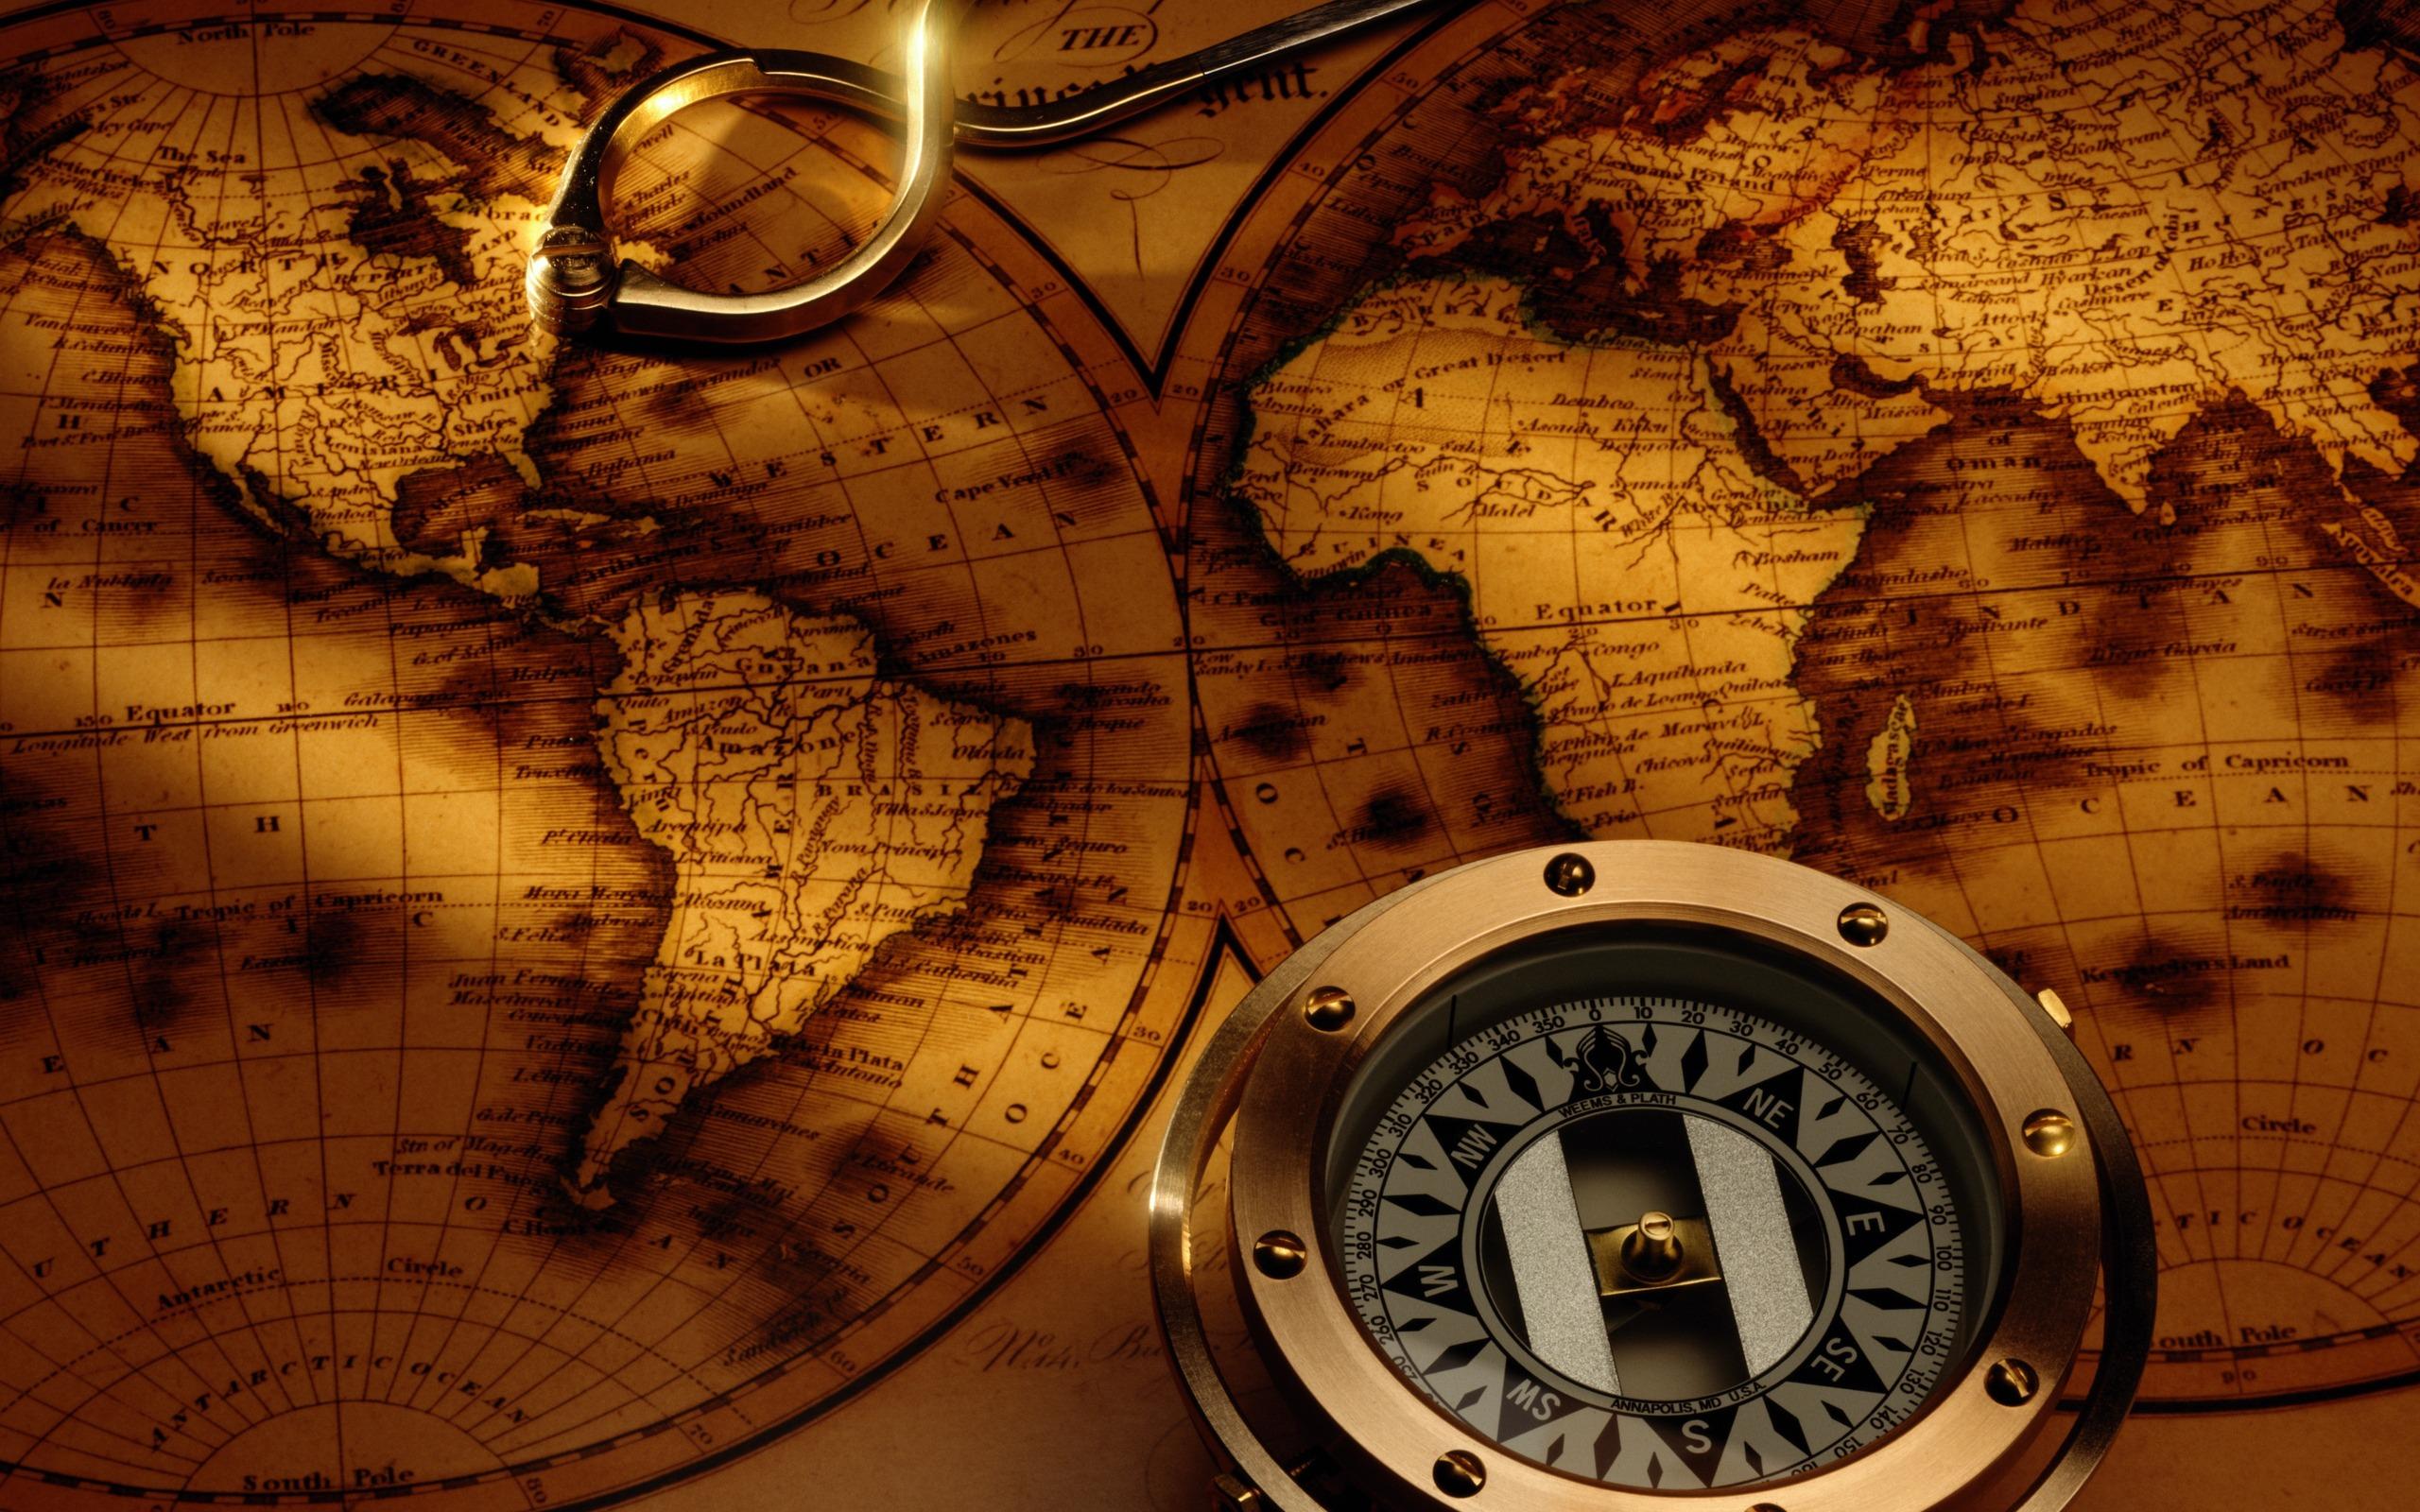 History Wallpaper Desktop h830823 Uncategorized HD Wallpaper 2560x1600